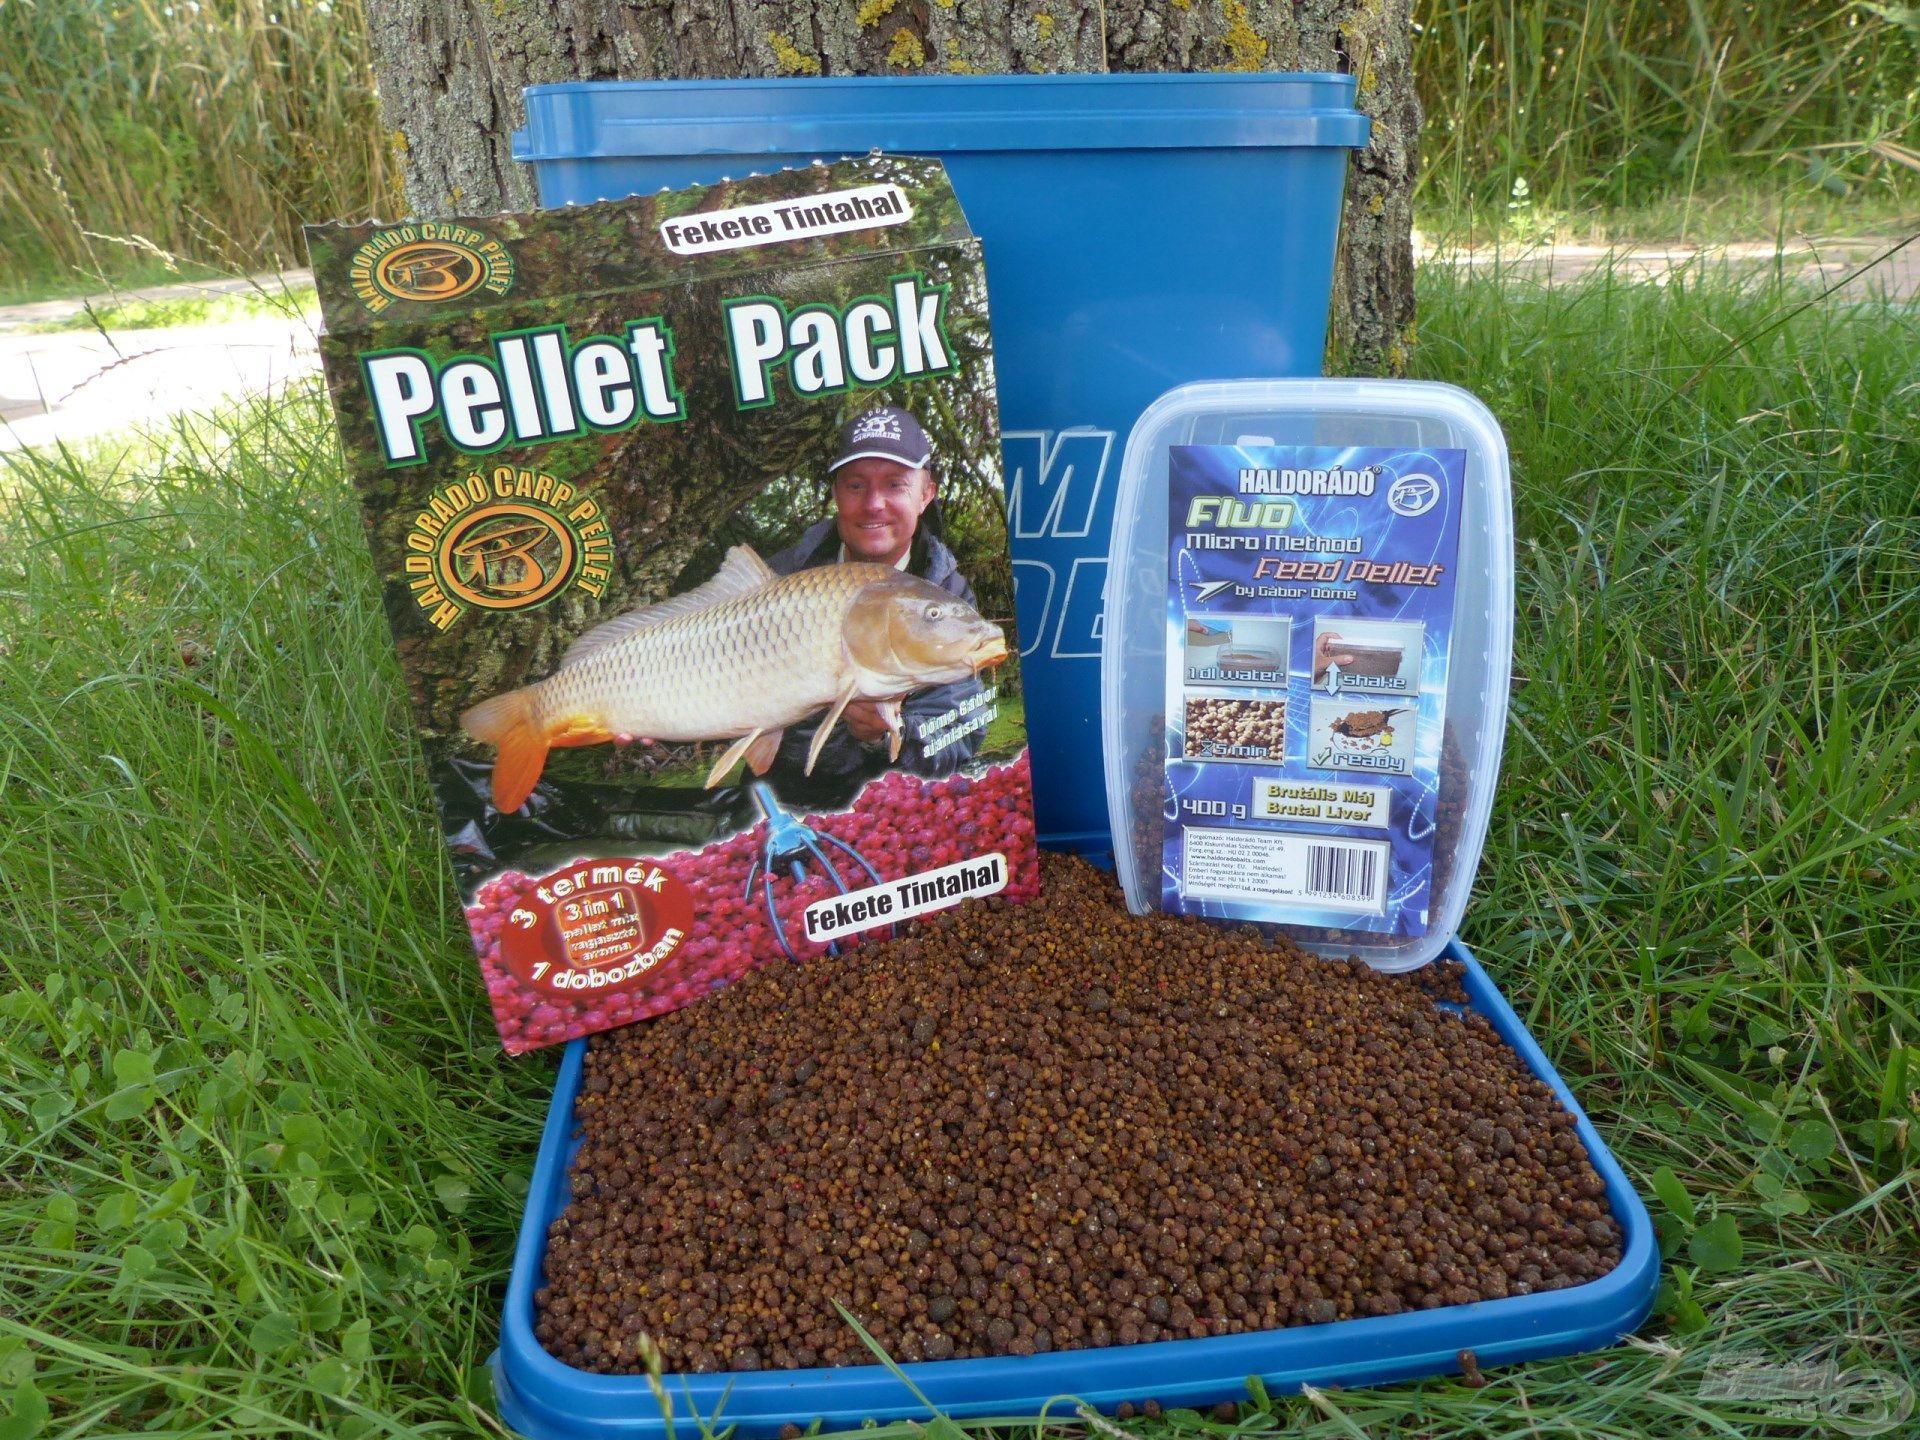 800 g Pellet Pack Fekete Tintahal + 400 g FMMFP Brutális Máj keverékét használtam ezen a horgászaton